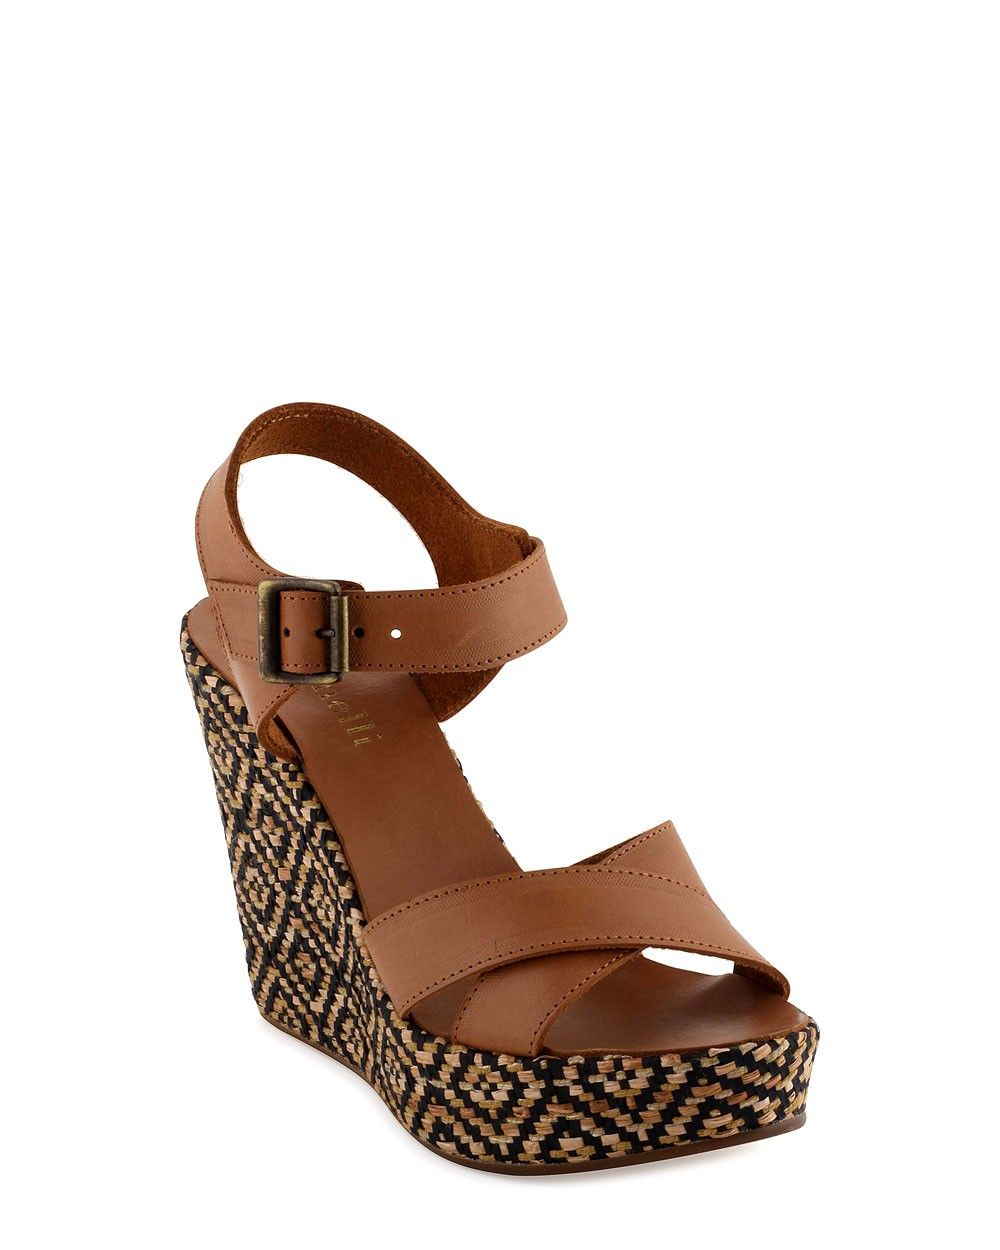 37c7dba029b Quelles chaussures femme arborer cet été   On mise sur les sandales  compensées  les chaussures compensées offrent un meilleur confort et plus  de stabilité.